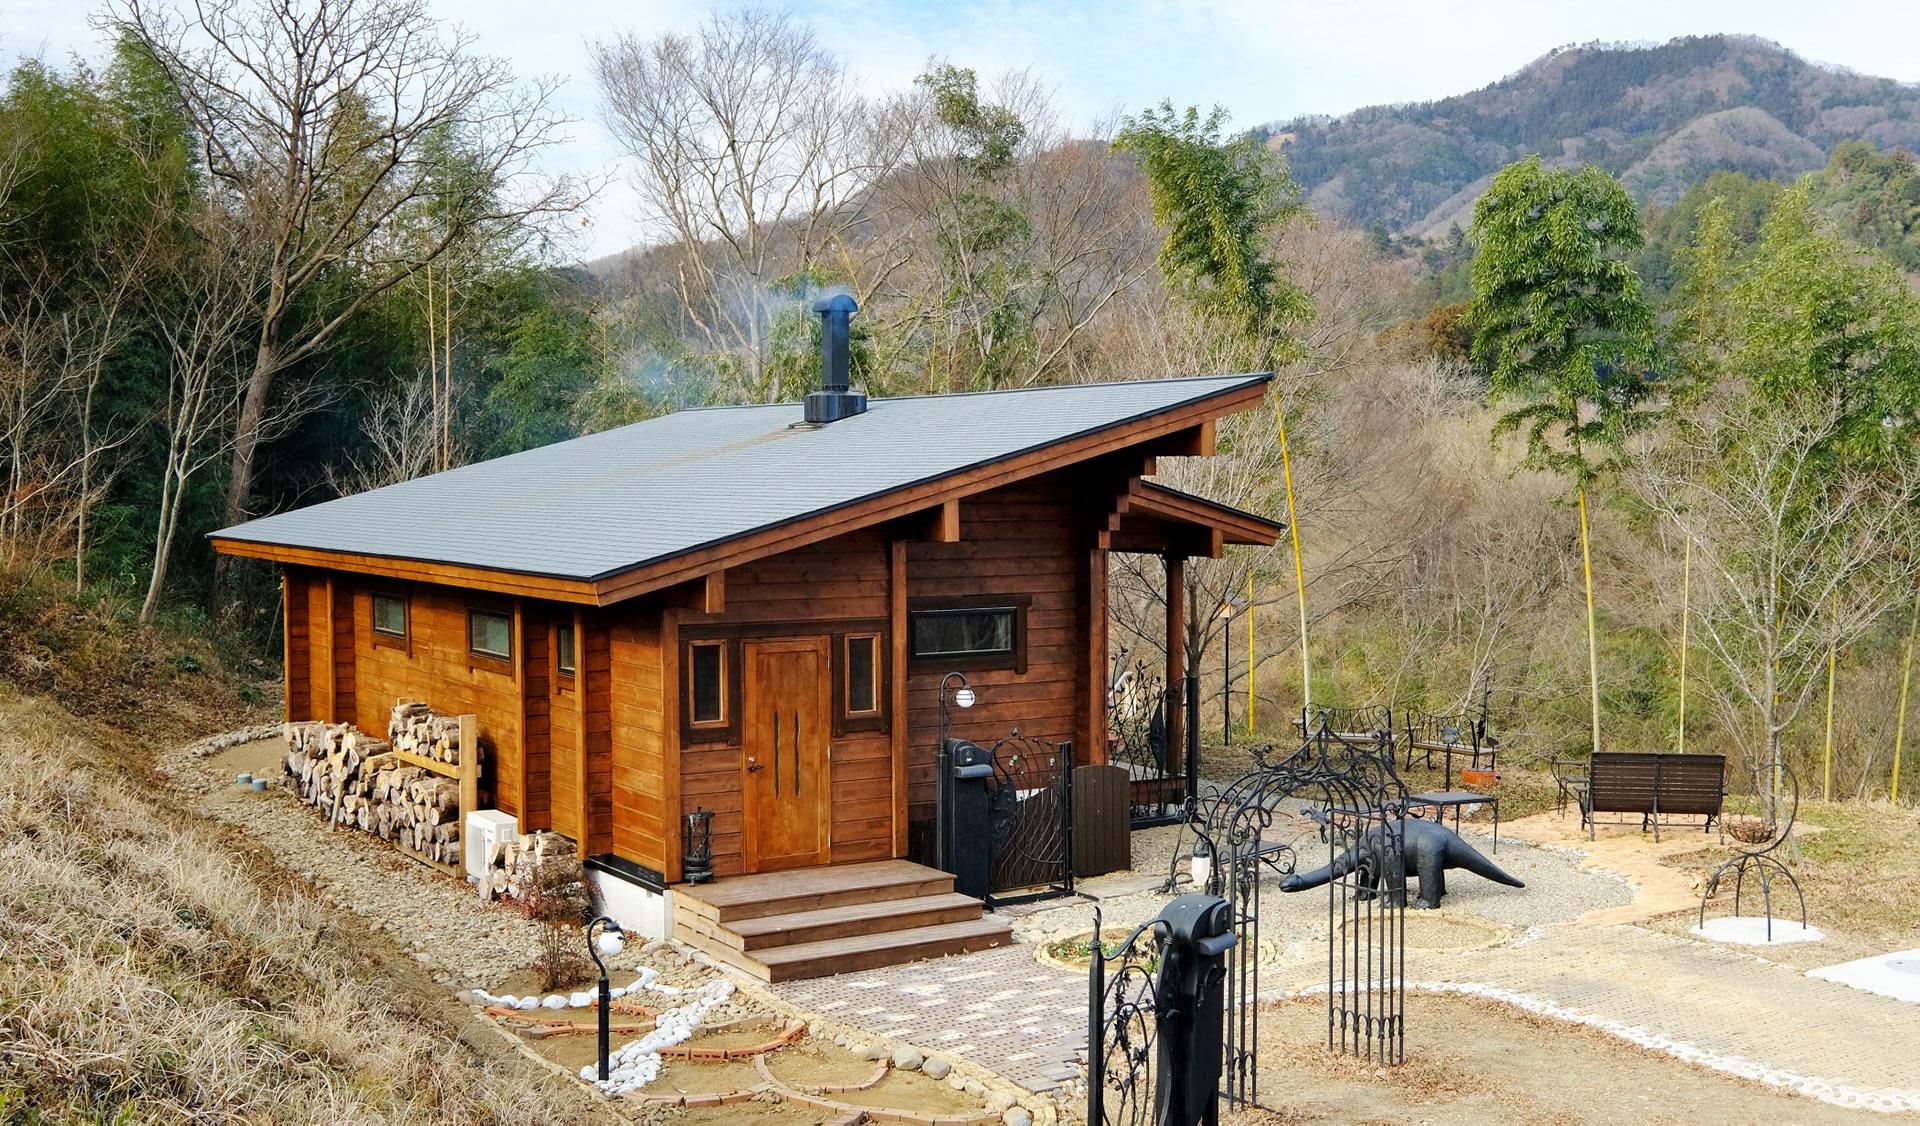 鍛鉄工芸家がセルフビルドした唯一無二の平屋ログハウス